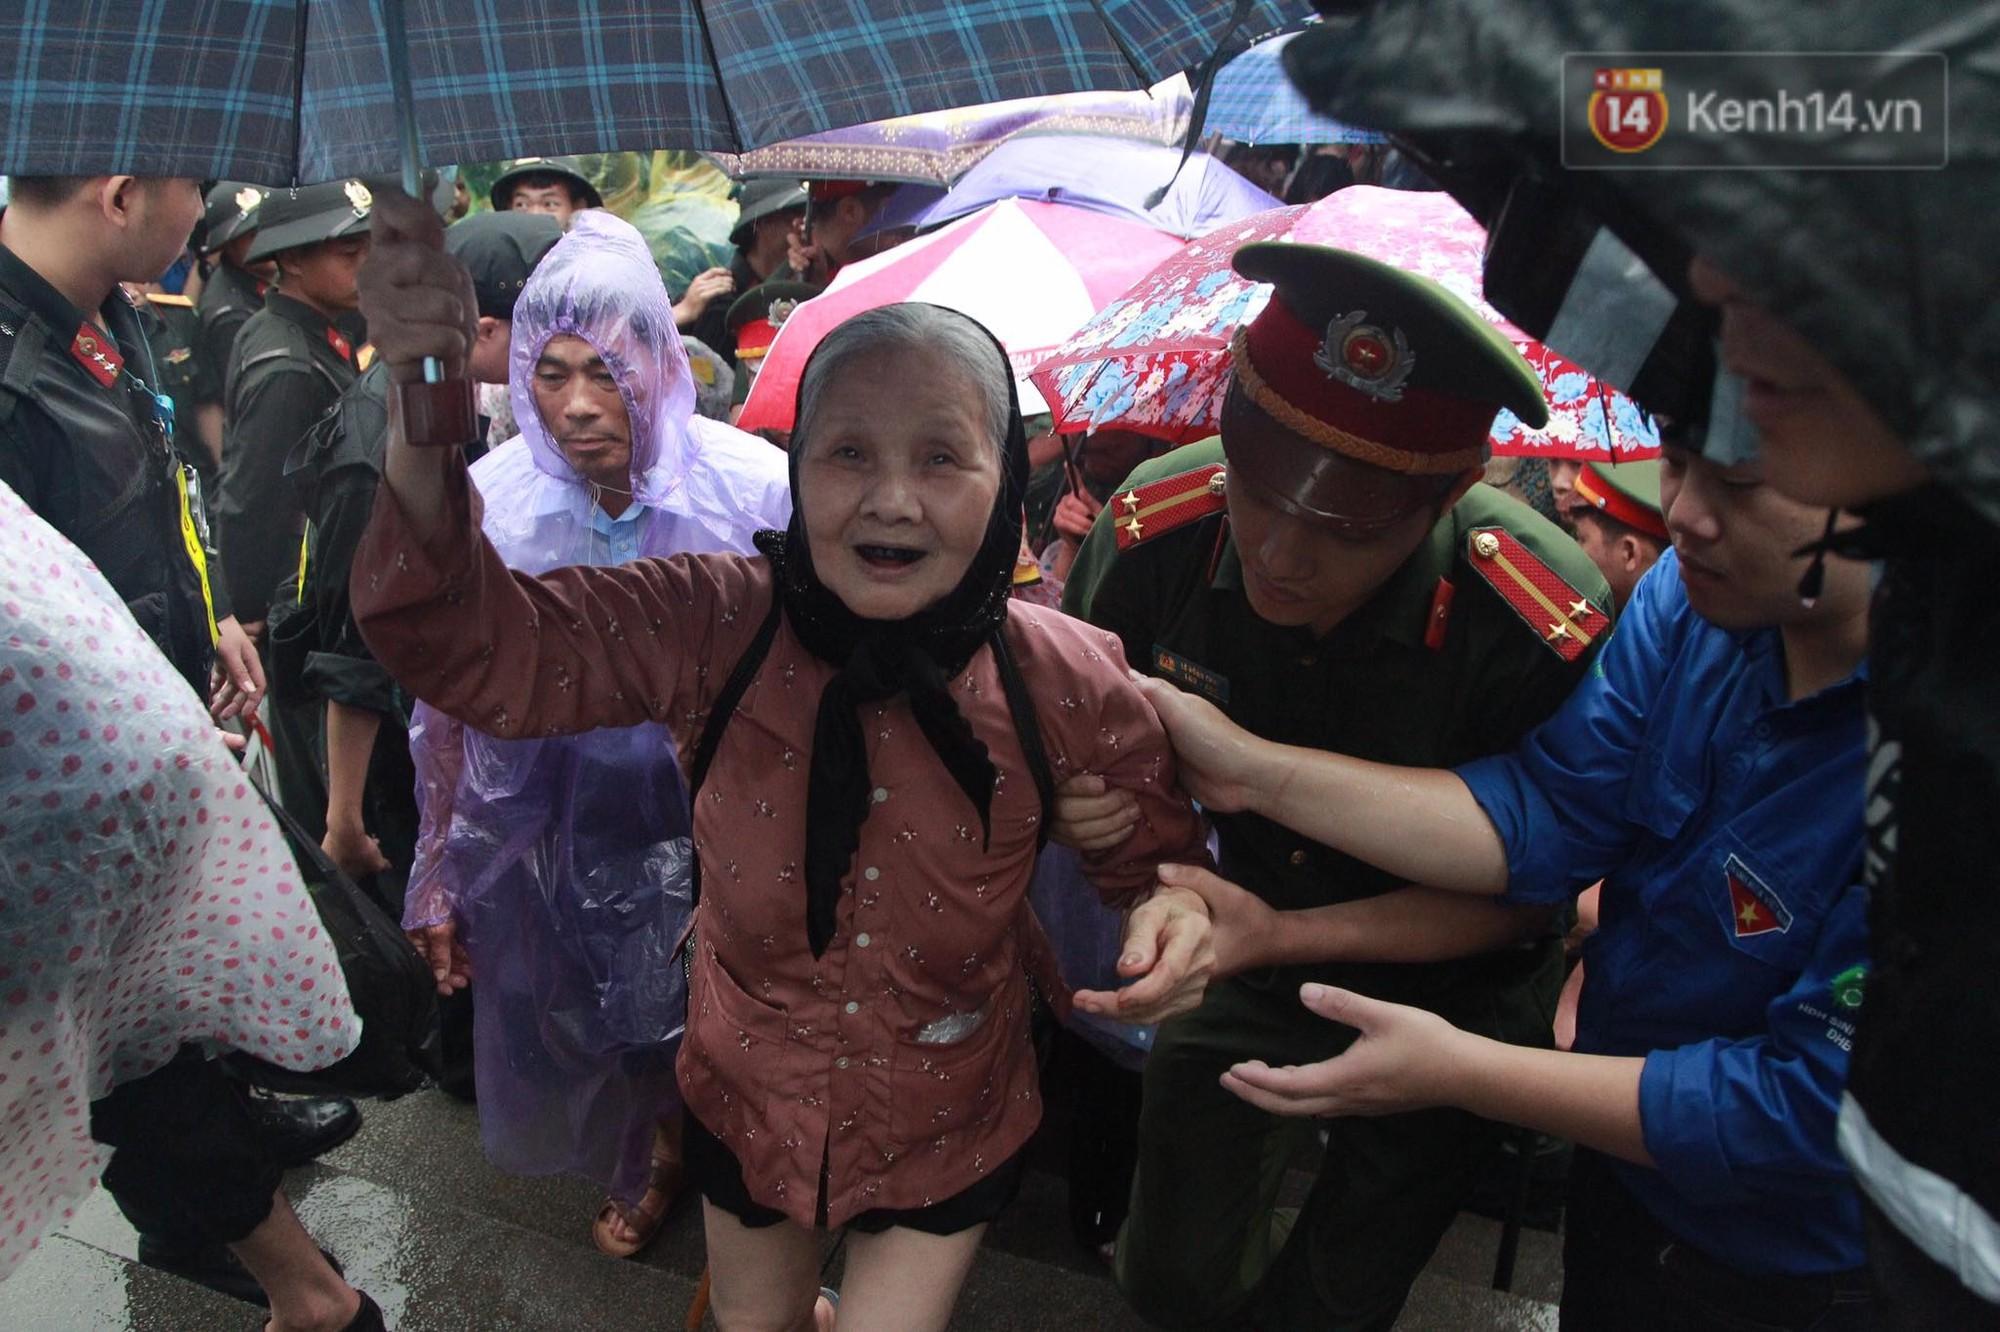 Hàng vạn người dân che ô đi khai hội Đền Hùng, hàng rào sống đứng dưới mưa đảm bảo trật tự 13